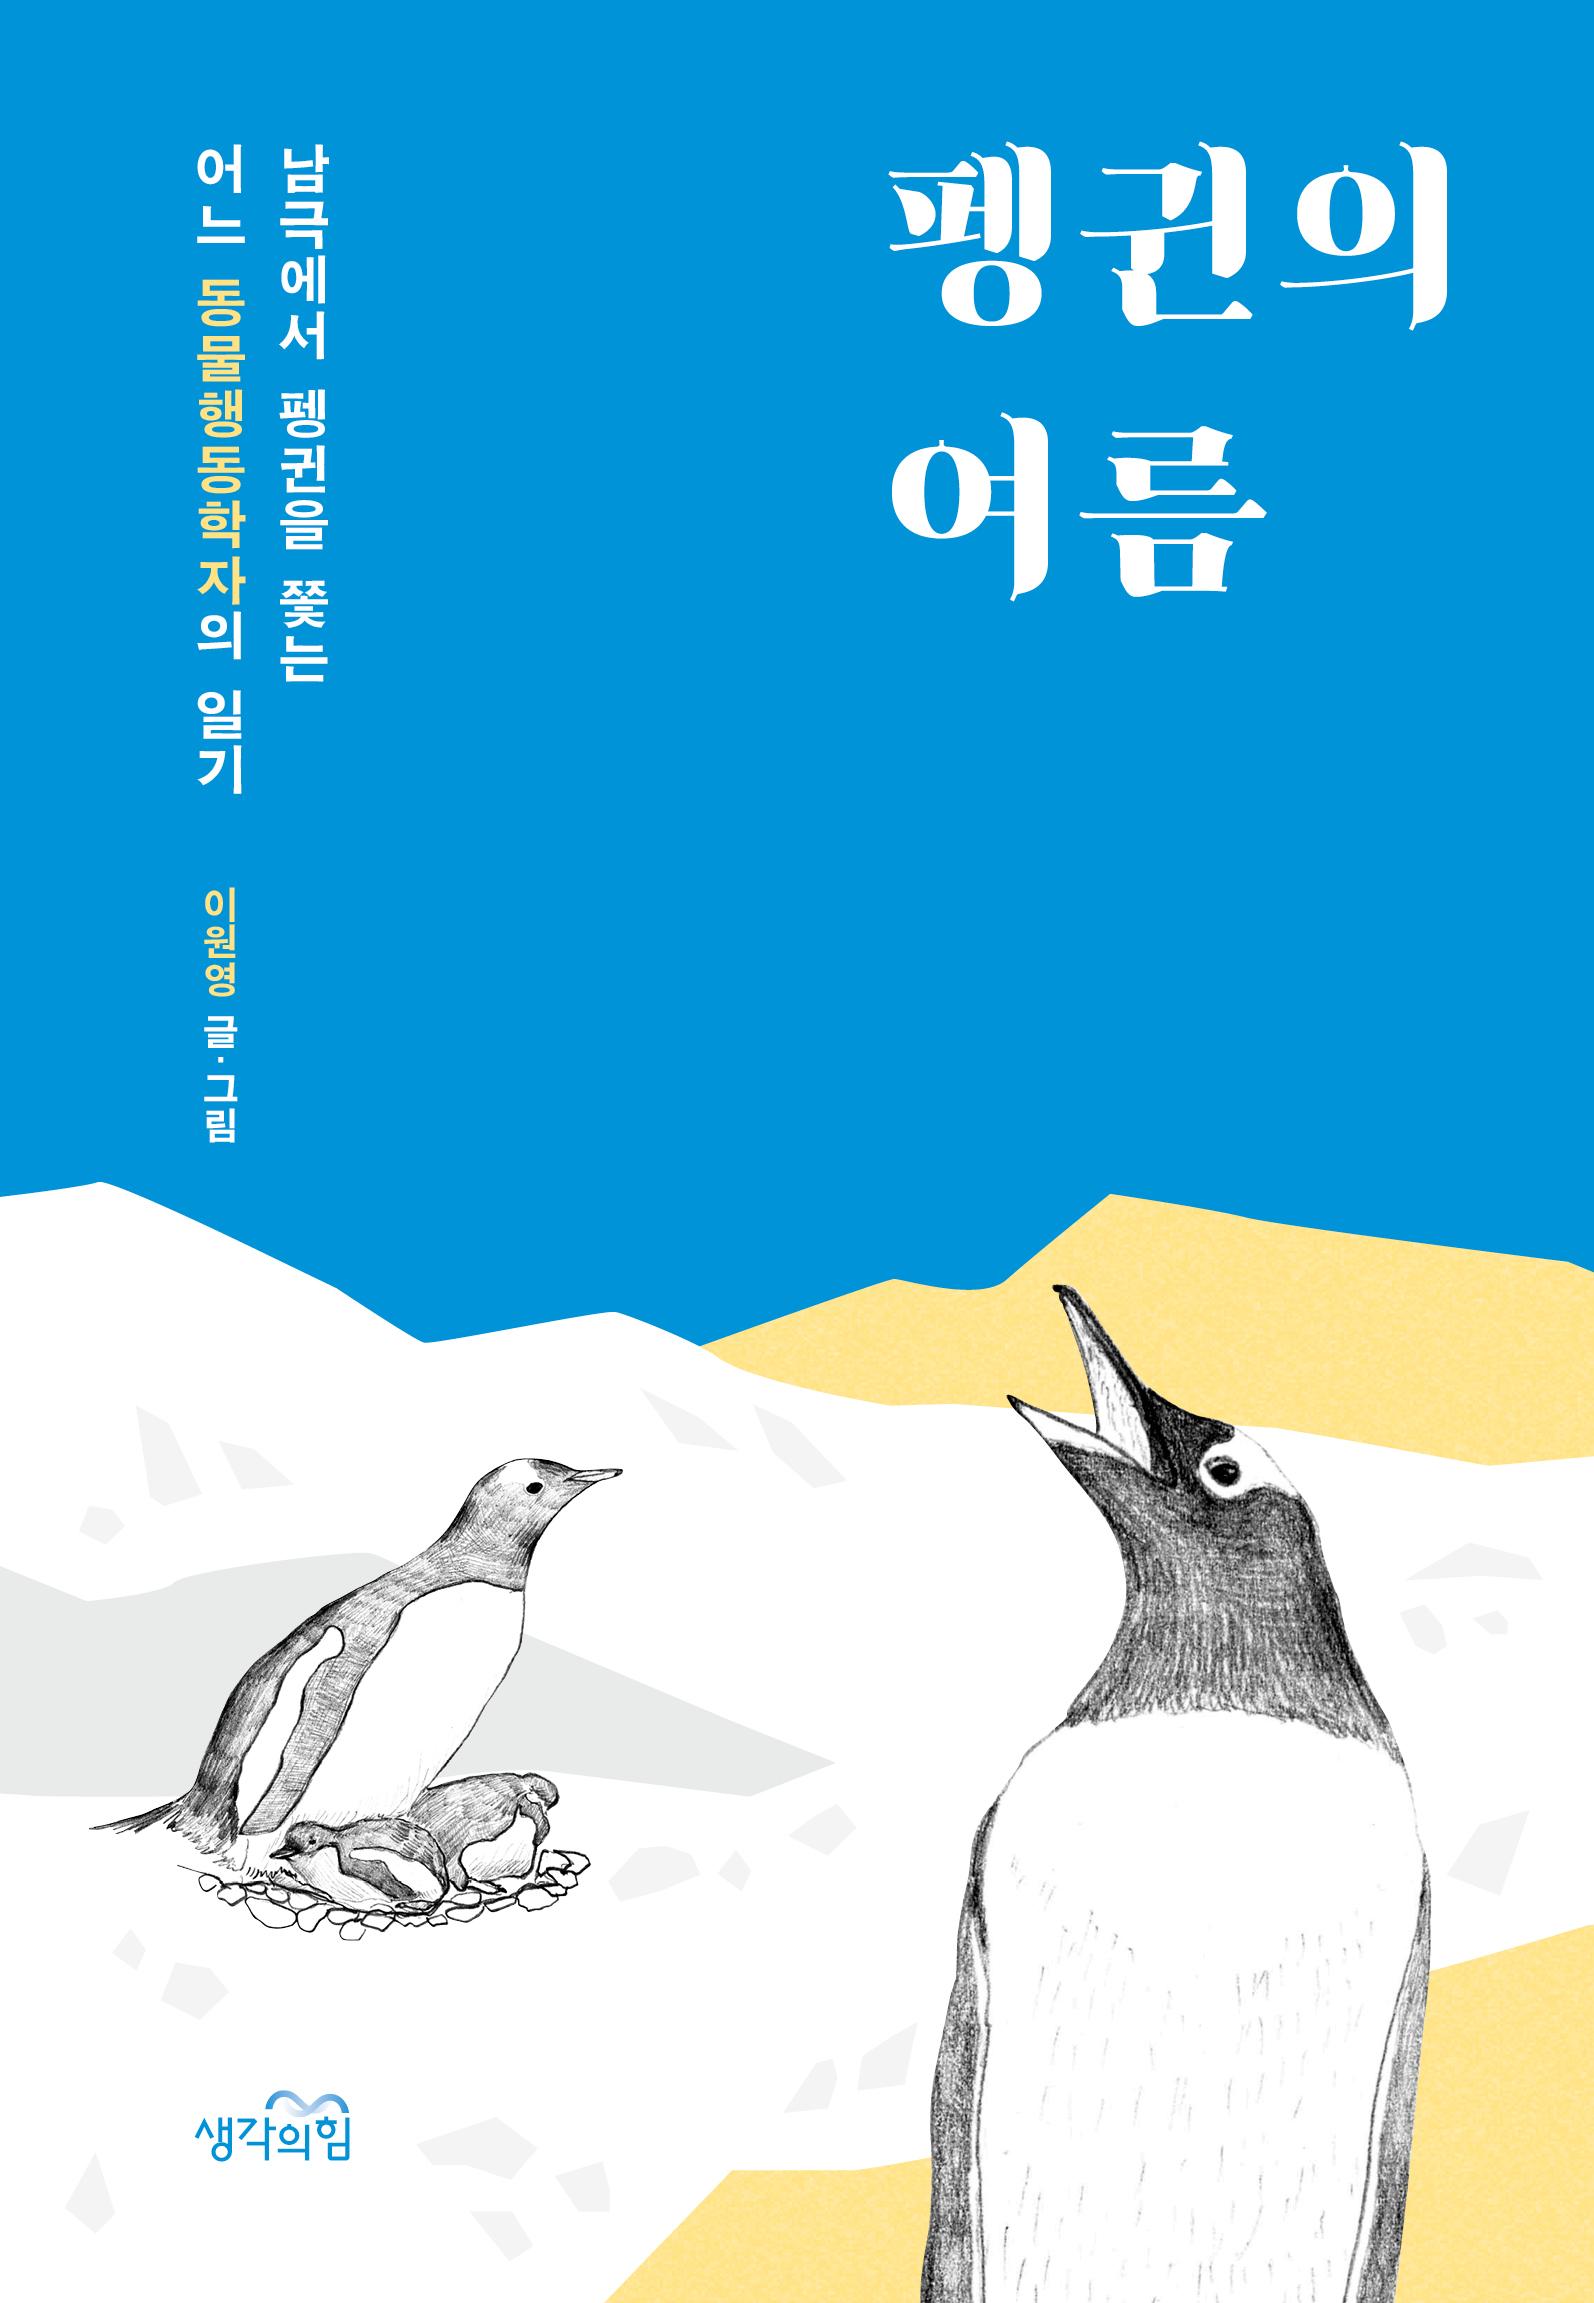 펭귄의 여름 : 남극에서 펭귄을 쫓는 어느 동물행동학자의 일기